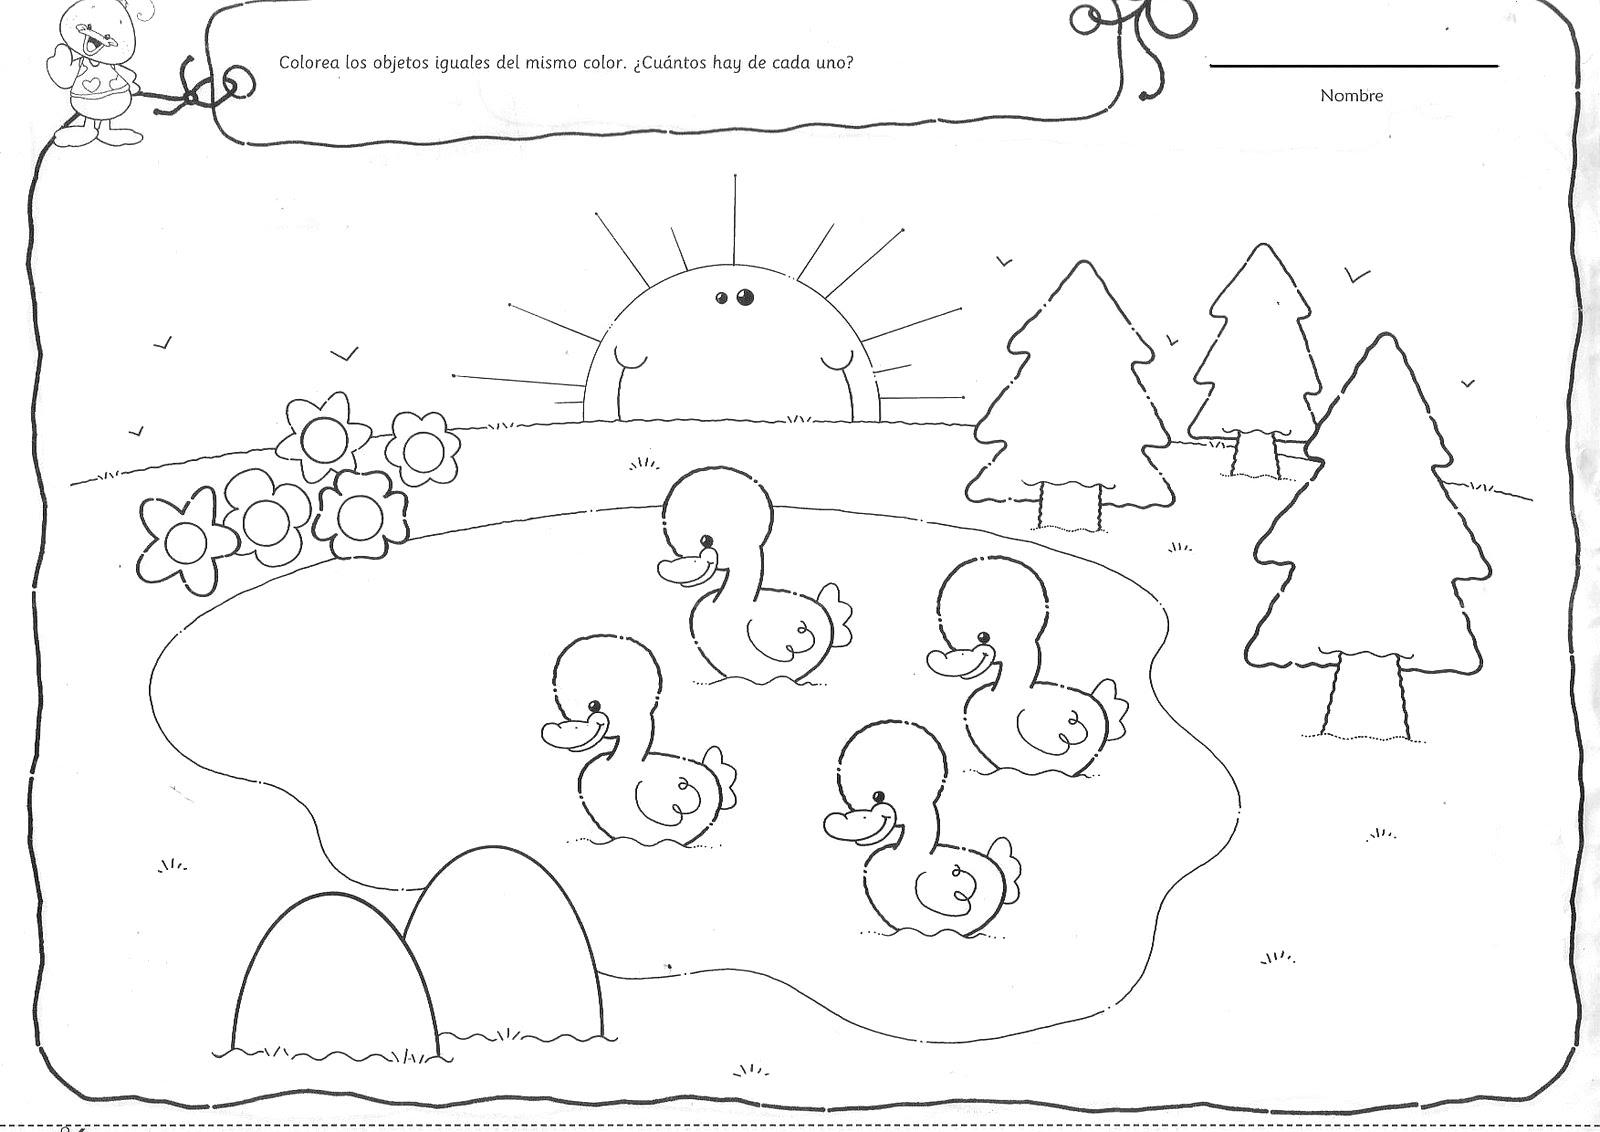 Increíble Escena De La Naturaleza Para Colorear Festooning - Dibujos ...